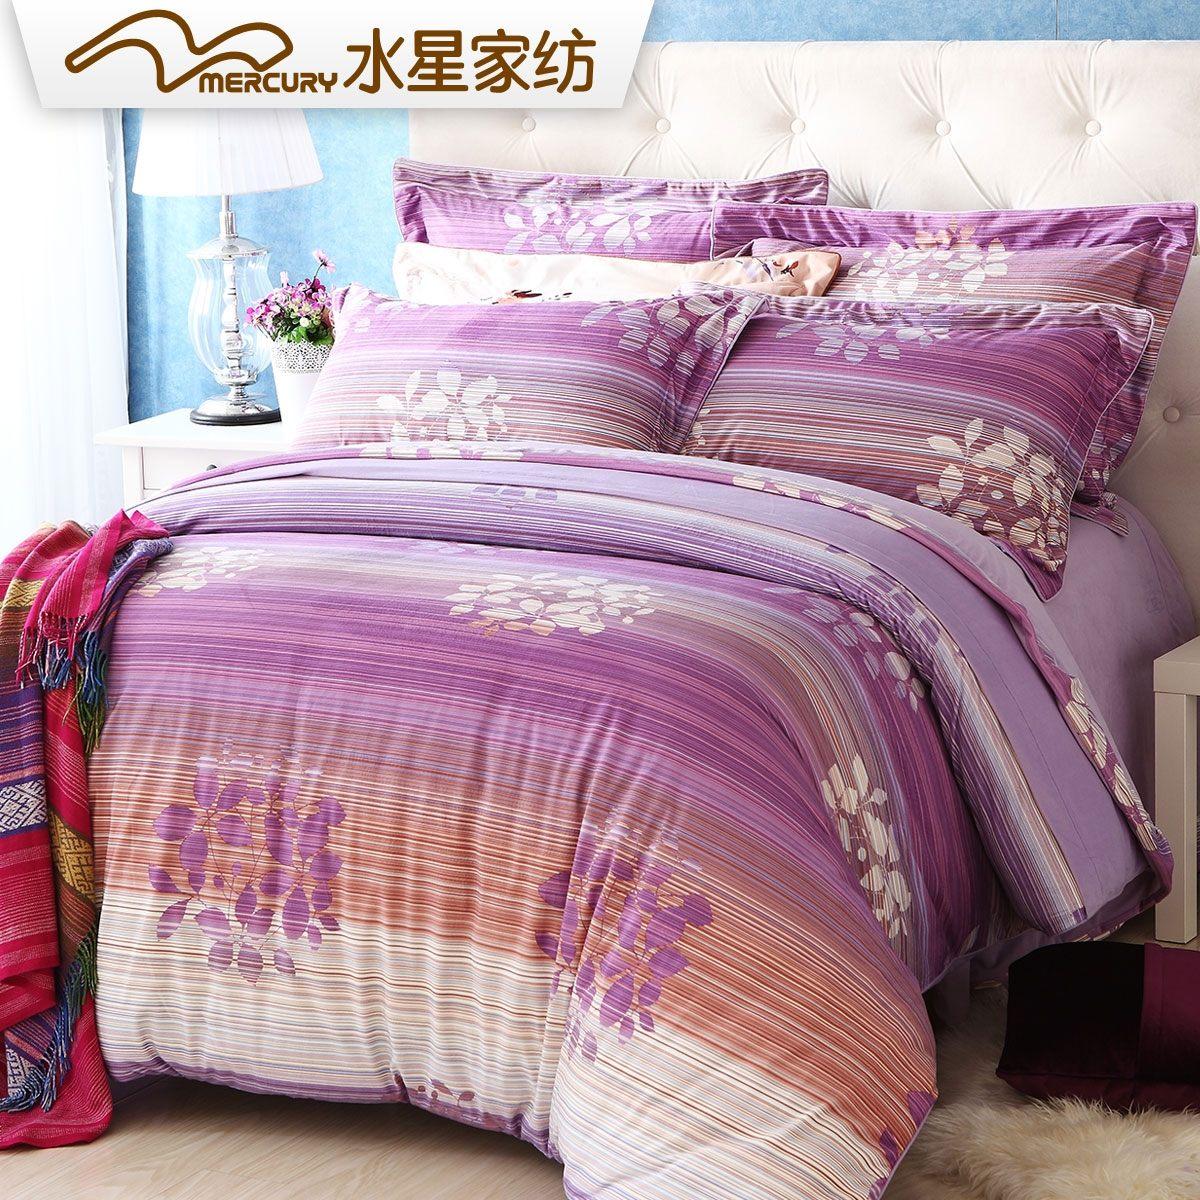 水星家纺天鹅绒四件套床500559